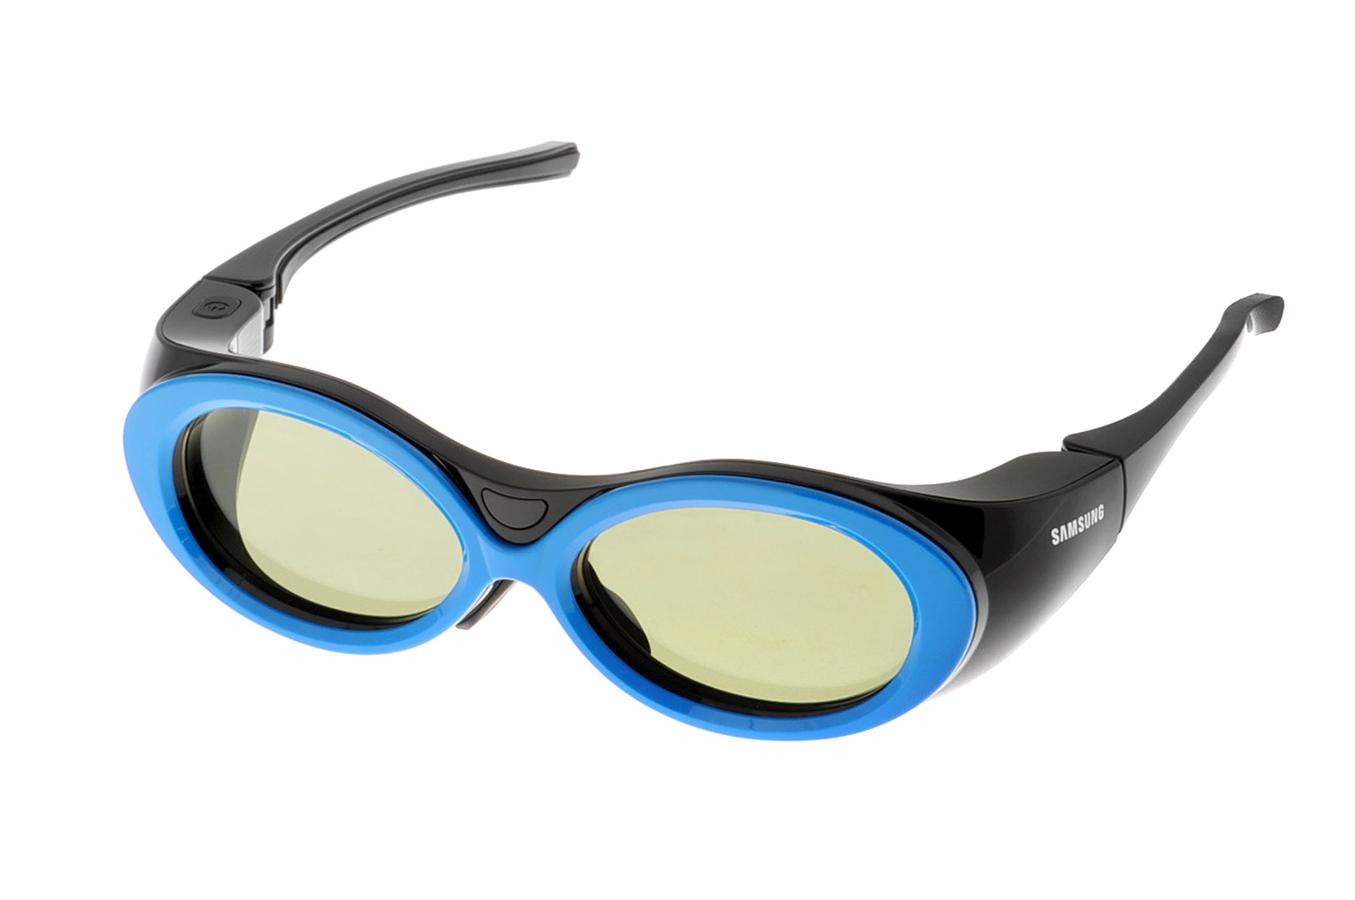 lunettes 3d samsung lunettes 3d enfants 2200kr 1247379. Black Bedroom Furniture Sets. Home Design Ideas